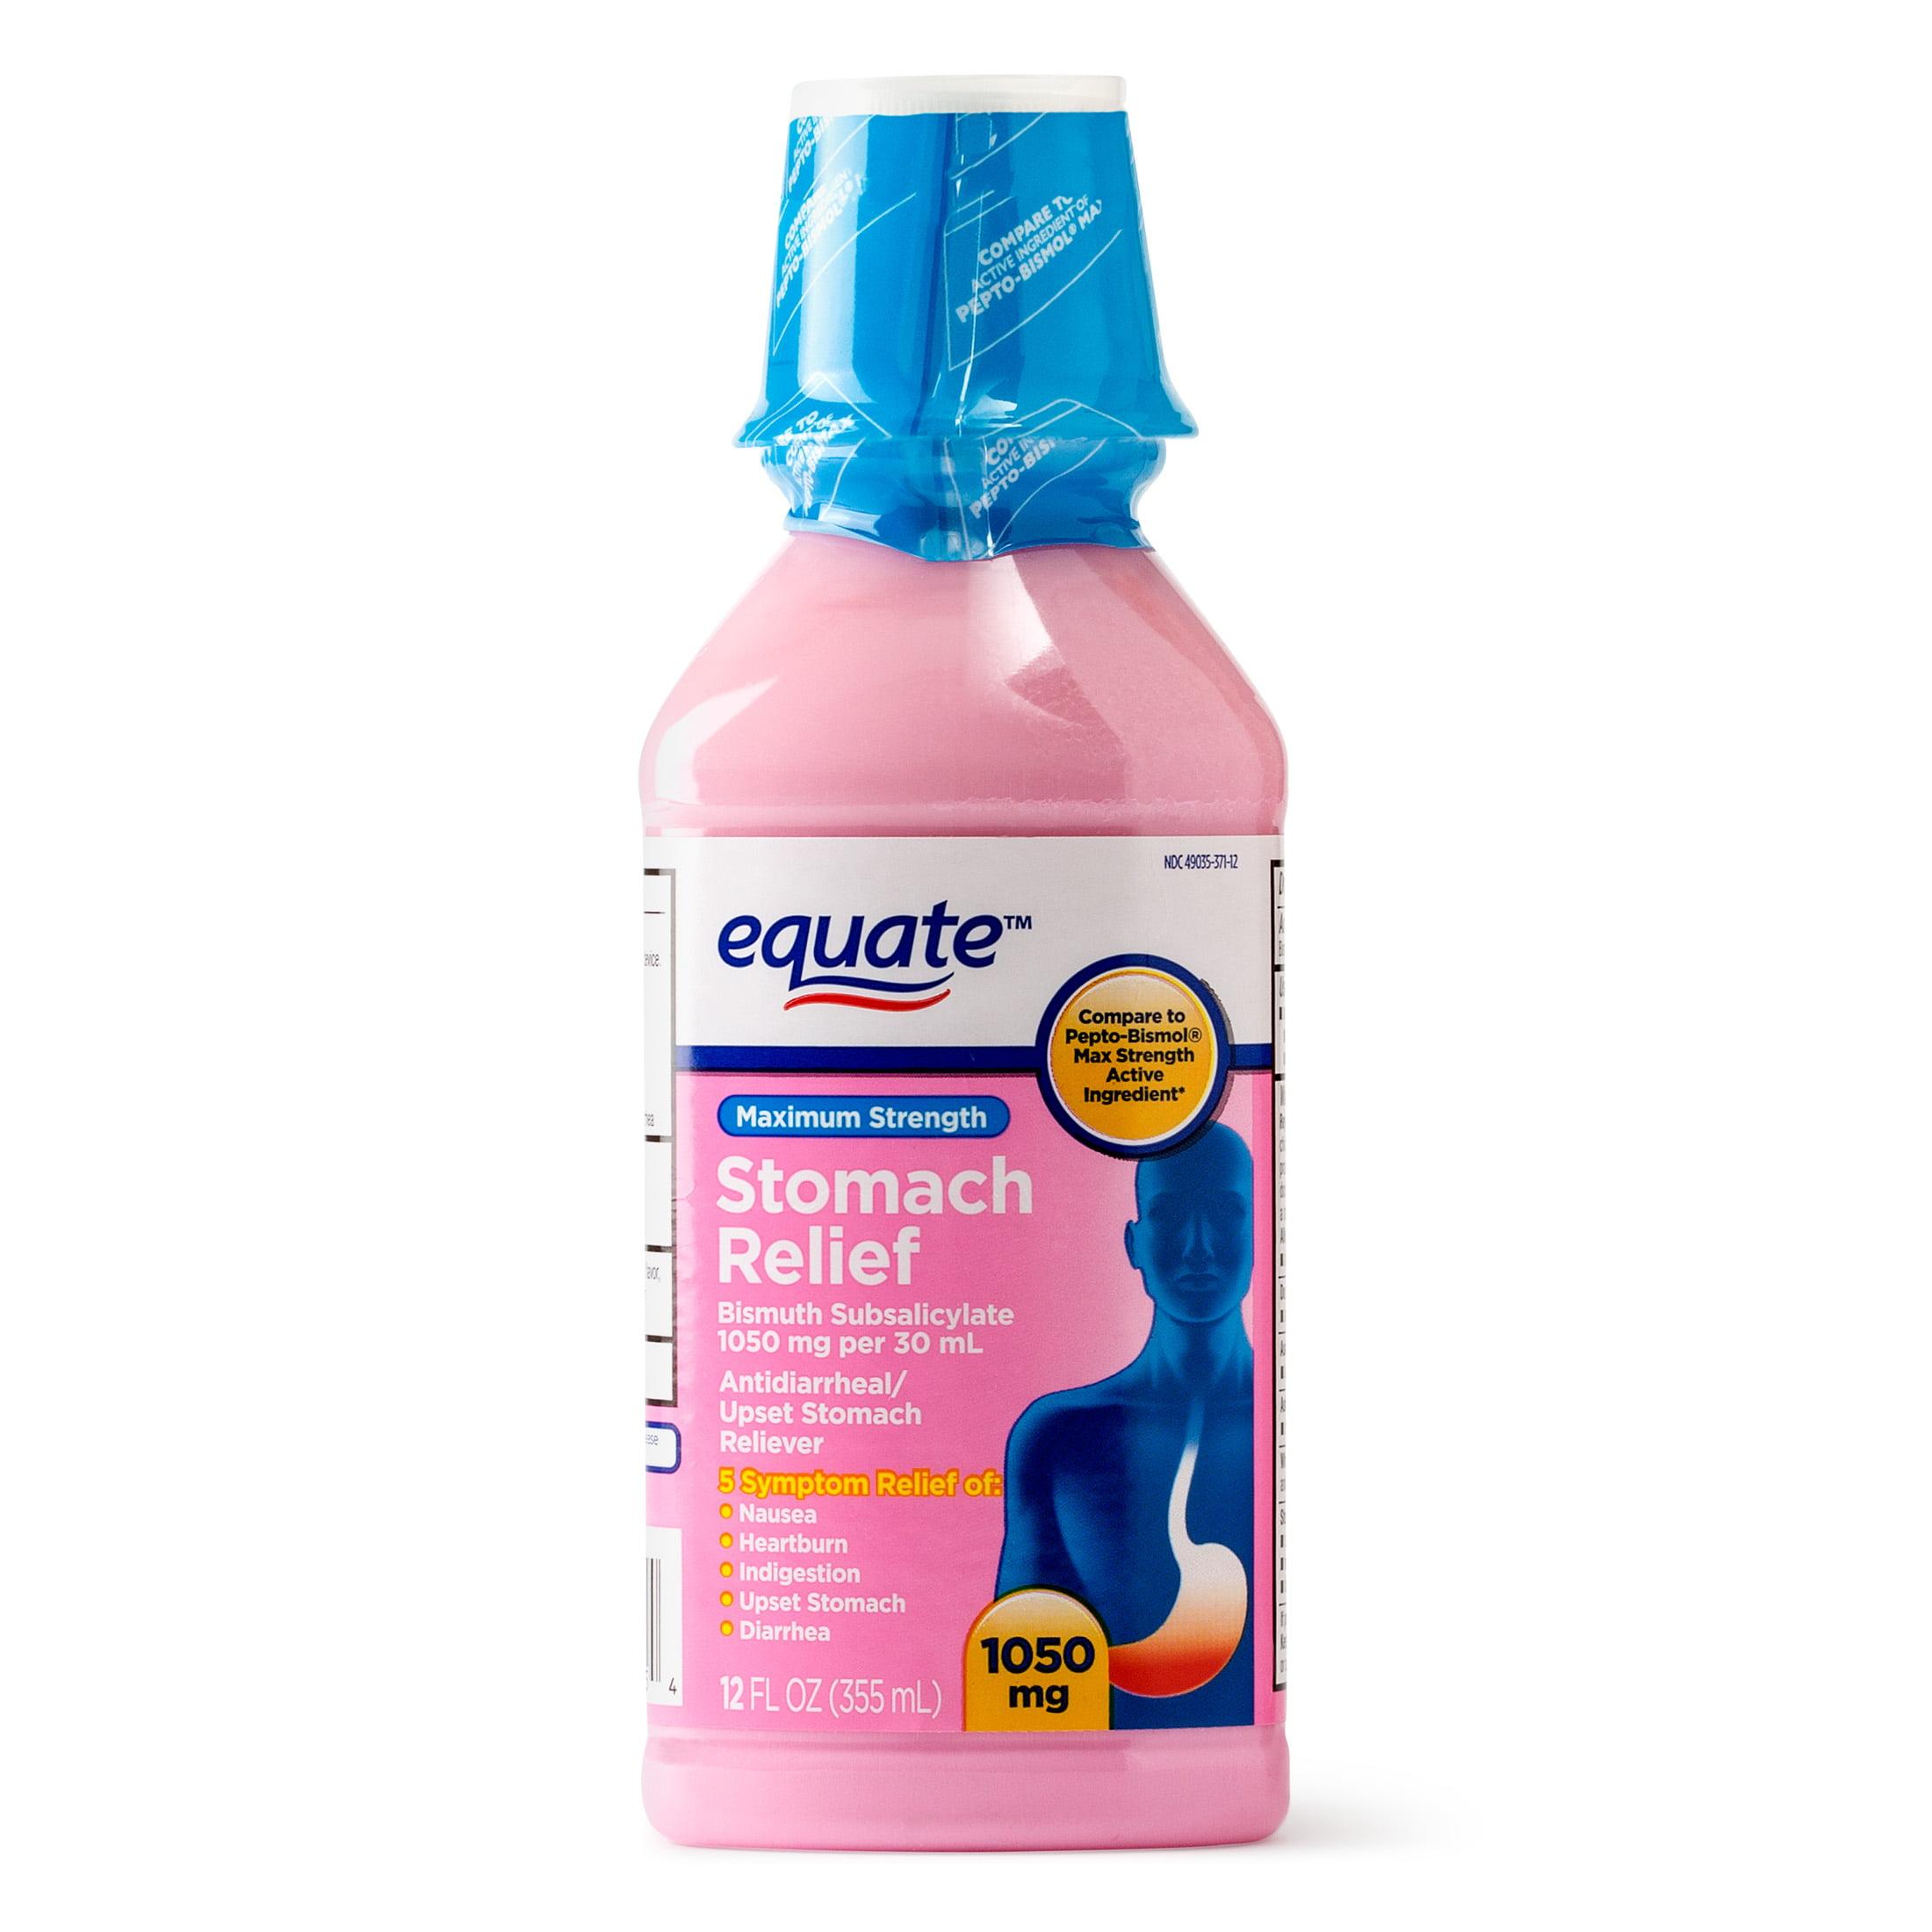 Equate Maximum Strength Stomach Relief Liquid, 1050 mg, 12 Fl Oz